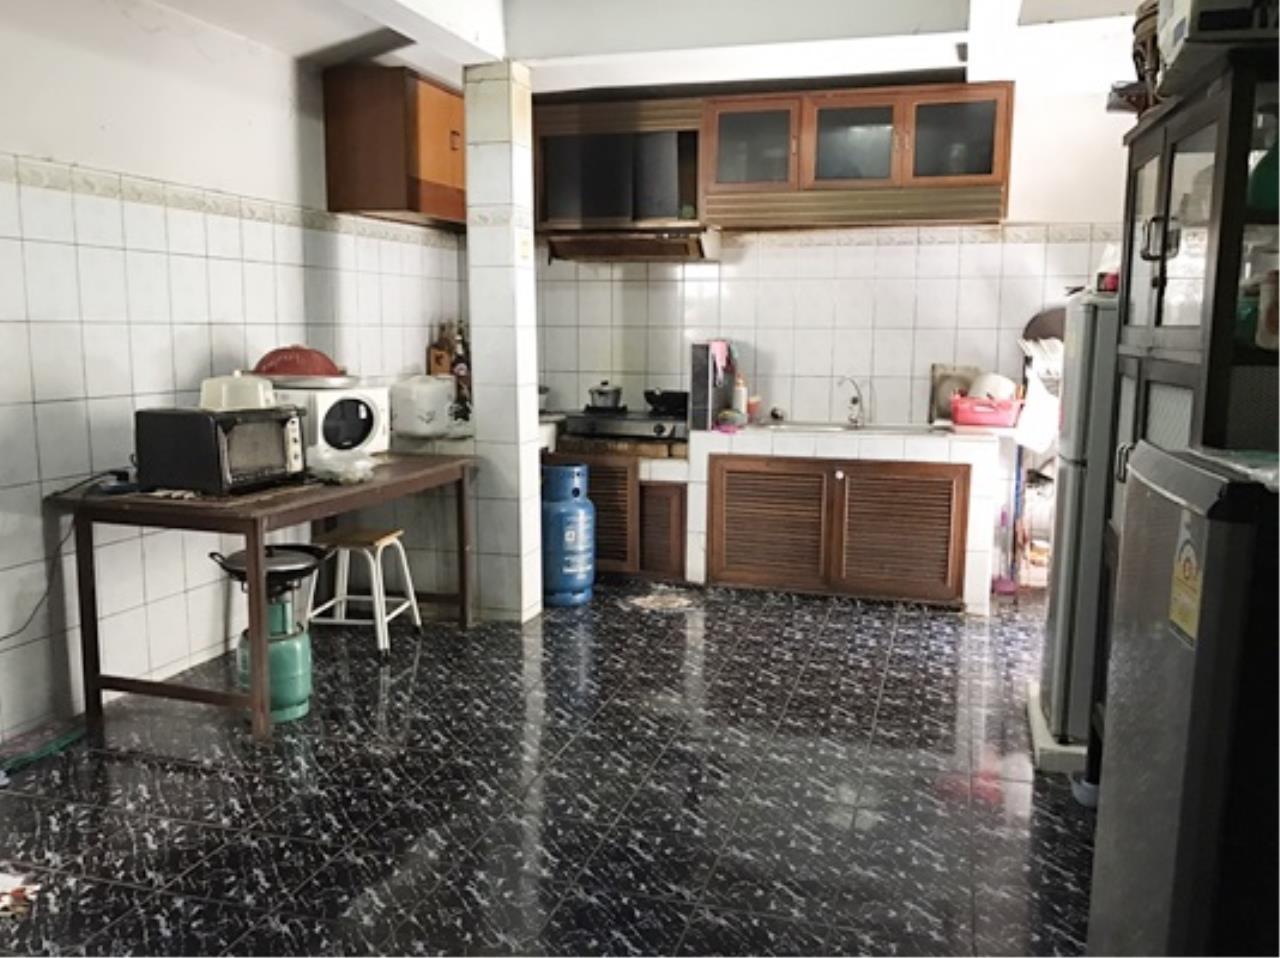 ขาย บ้าน แขวงห้วยขวาง เขตห้วยขวาง กรุงเทพมหานคร, ภาพที่ 3